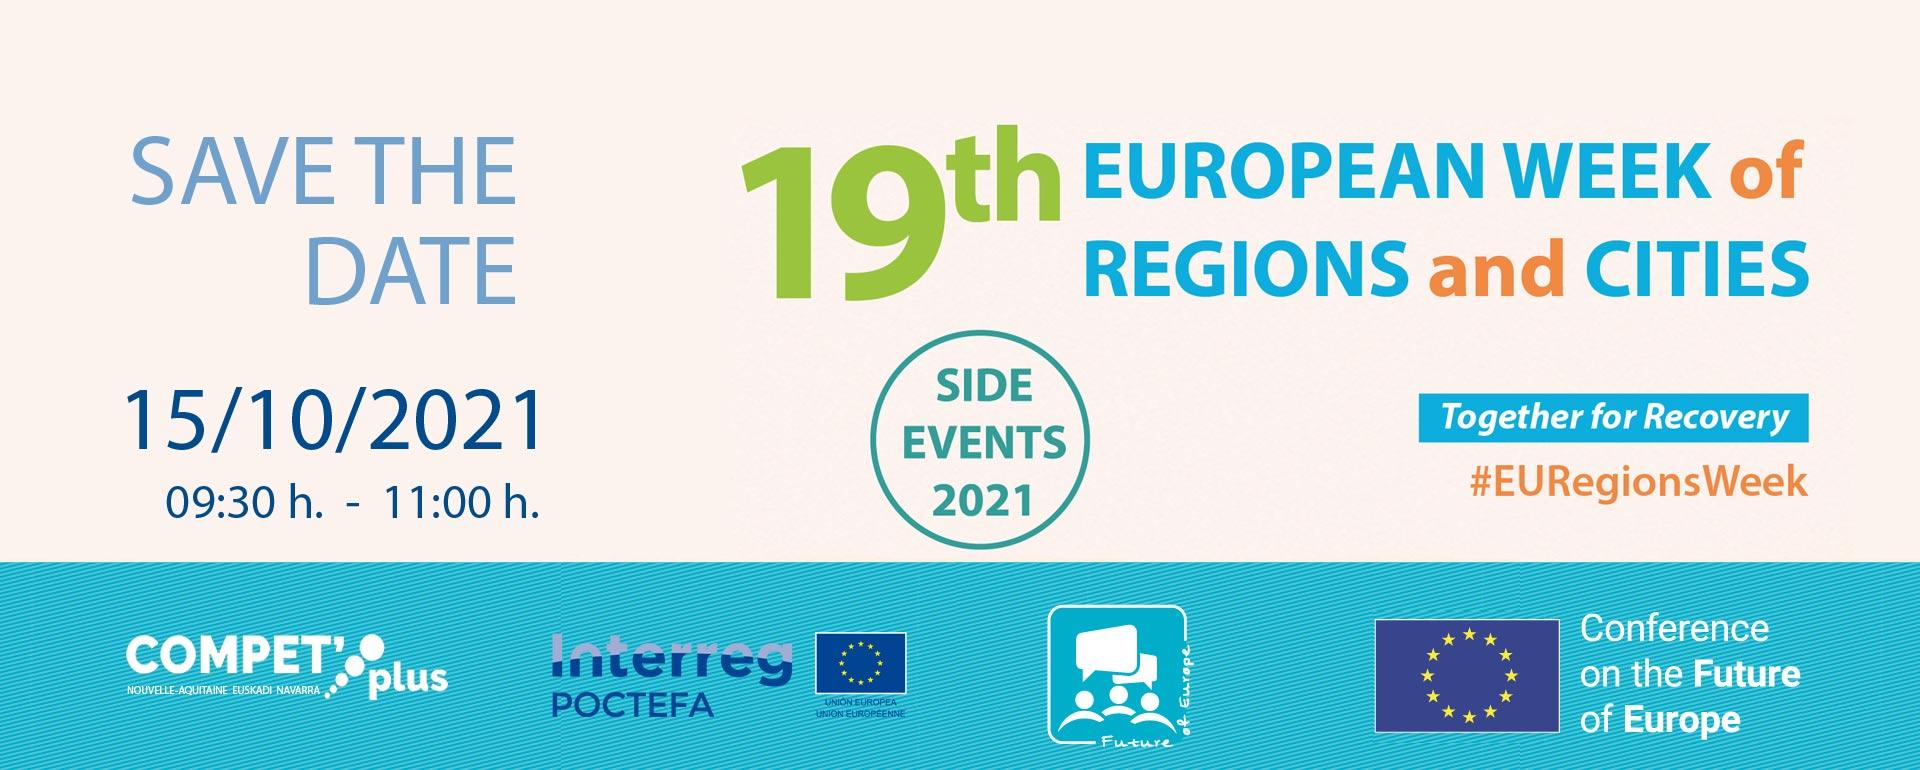 """El proyecto POCTEFA COMPET'plus seleccionado para organizar un """"side evento"""" en la Semana Europea de las Regiones y las Ciudades"""